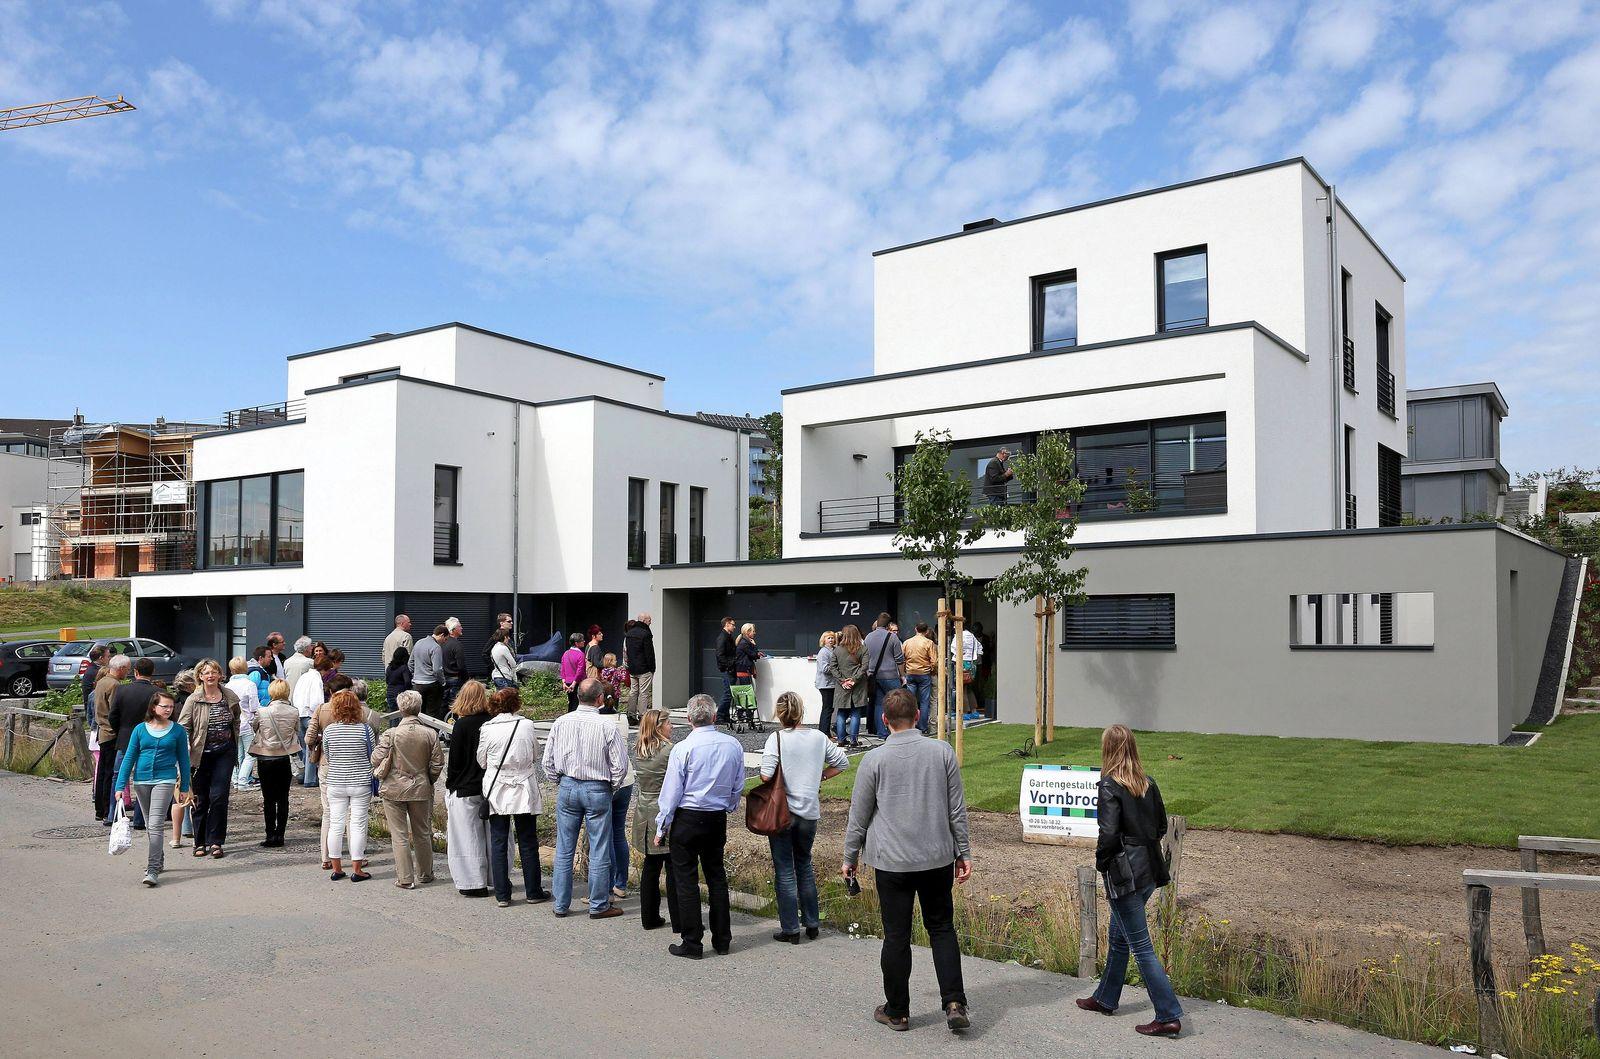 EINMALIGE VERWENDUNG Wohnungen / Wohnungsmarkt / Wohnungsbesichtigung